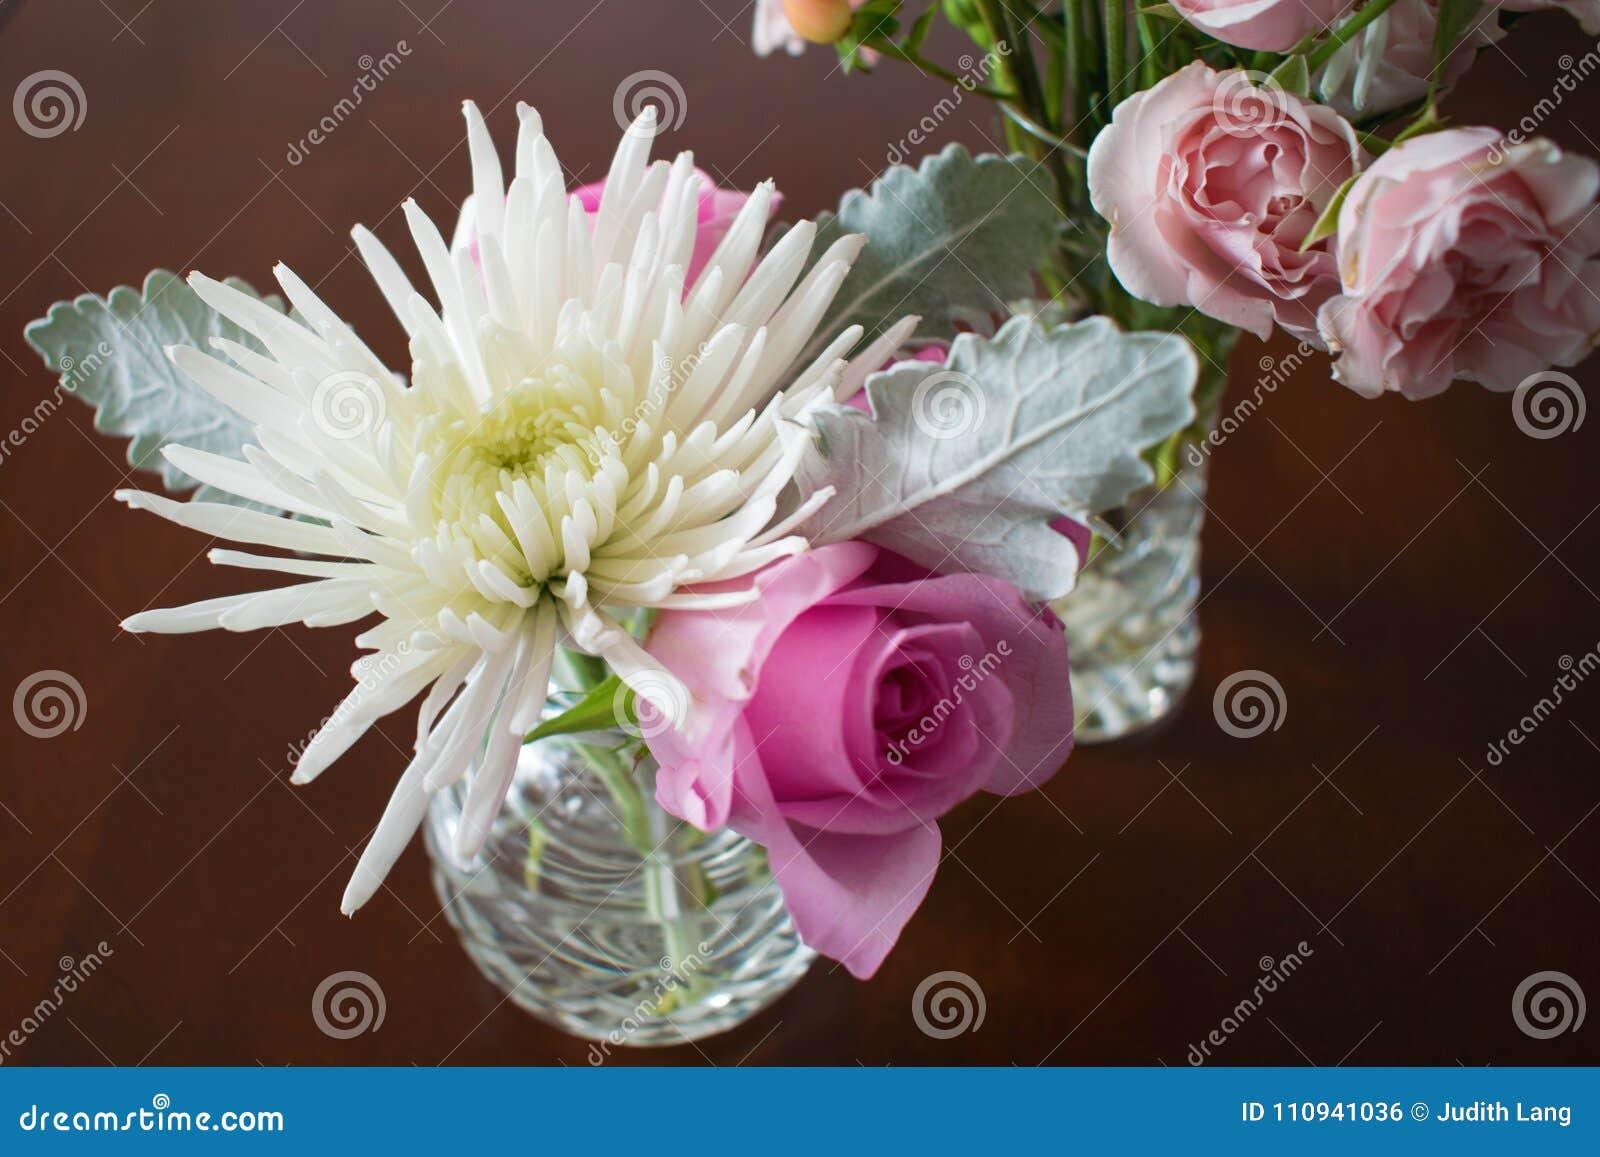 Δύο βάζα κρυστάλλου με τα λουλούδια στο σκοτεινό ξύλινο πίνακα